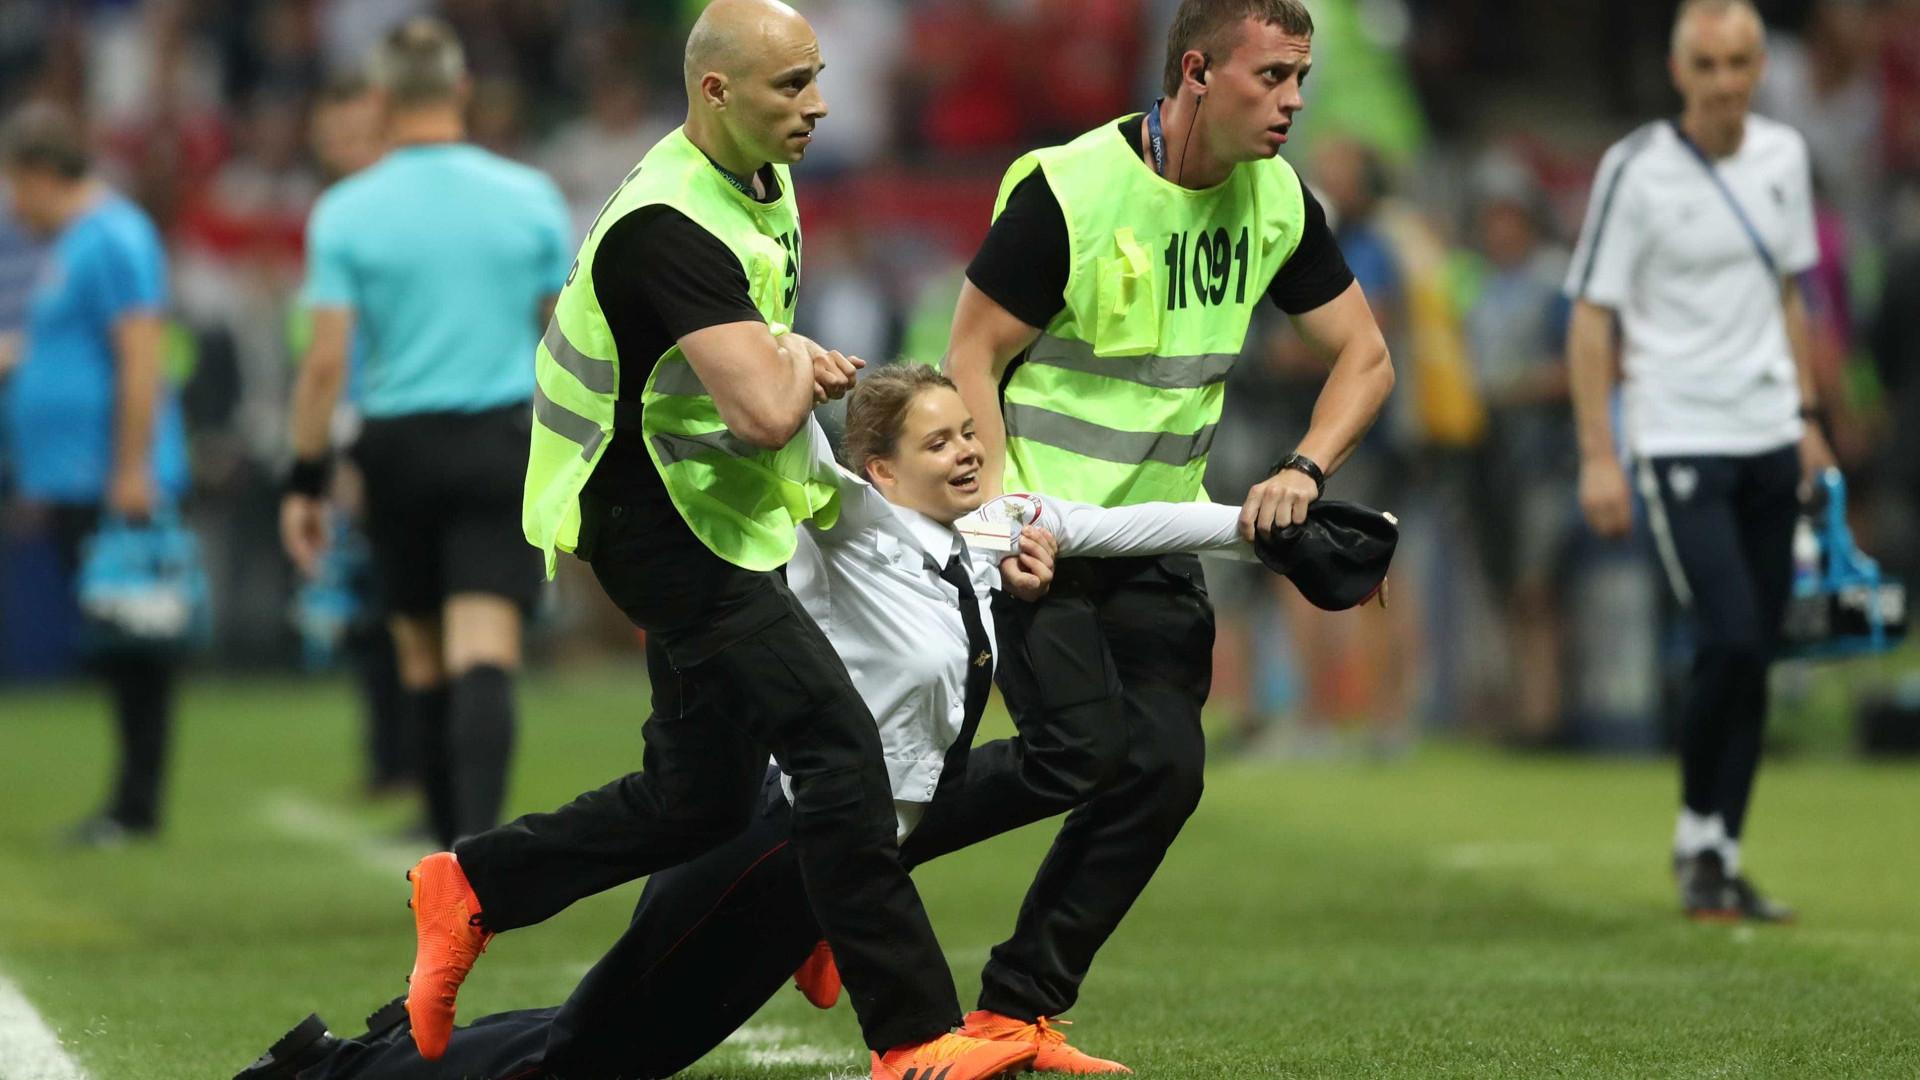 Grupo punk Pussy Riot invade final da Copa em protesto contra Putin